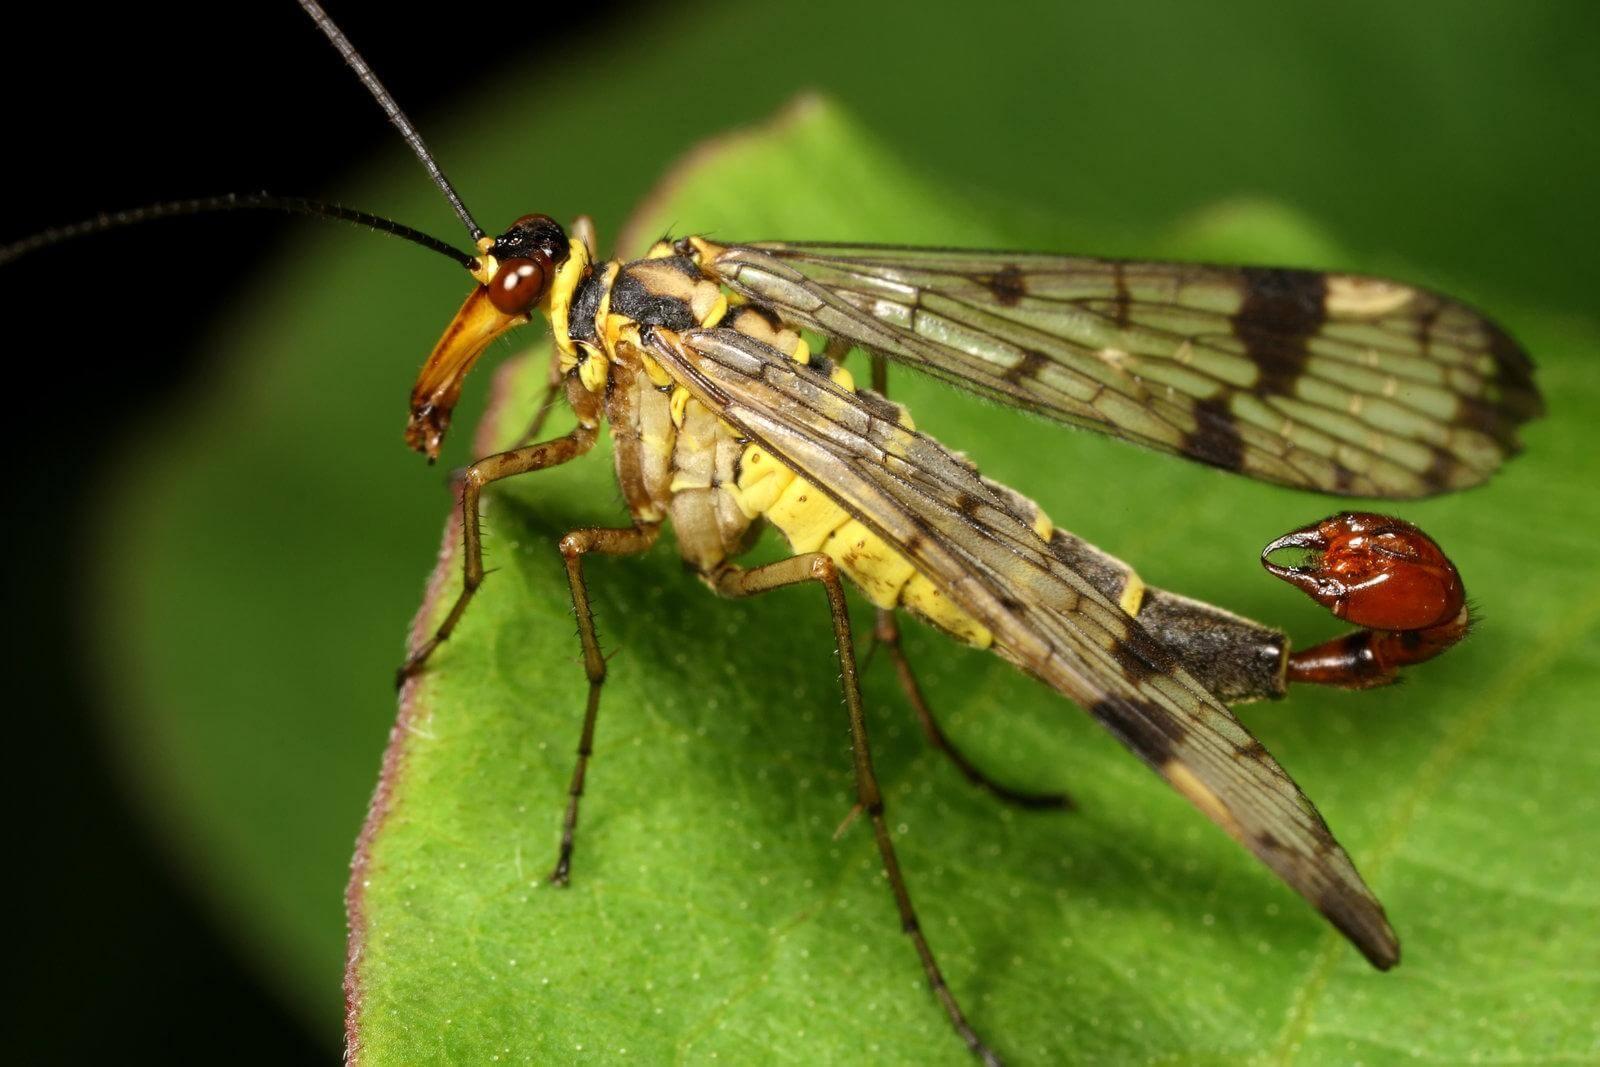 La Panorpa spp. es mejor conocido como: mosca escorpión.